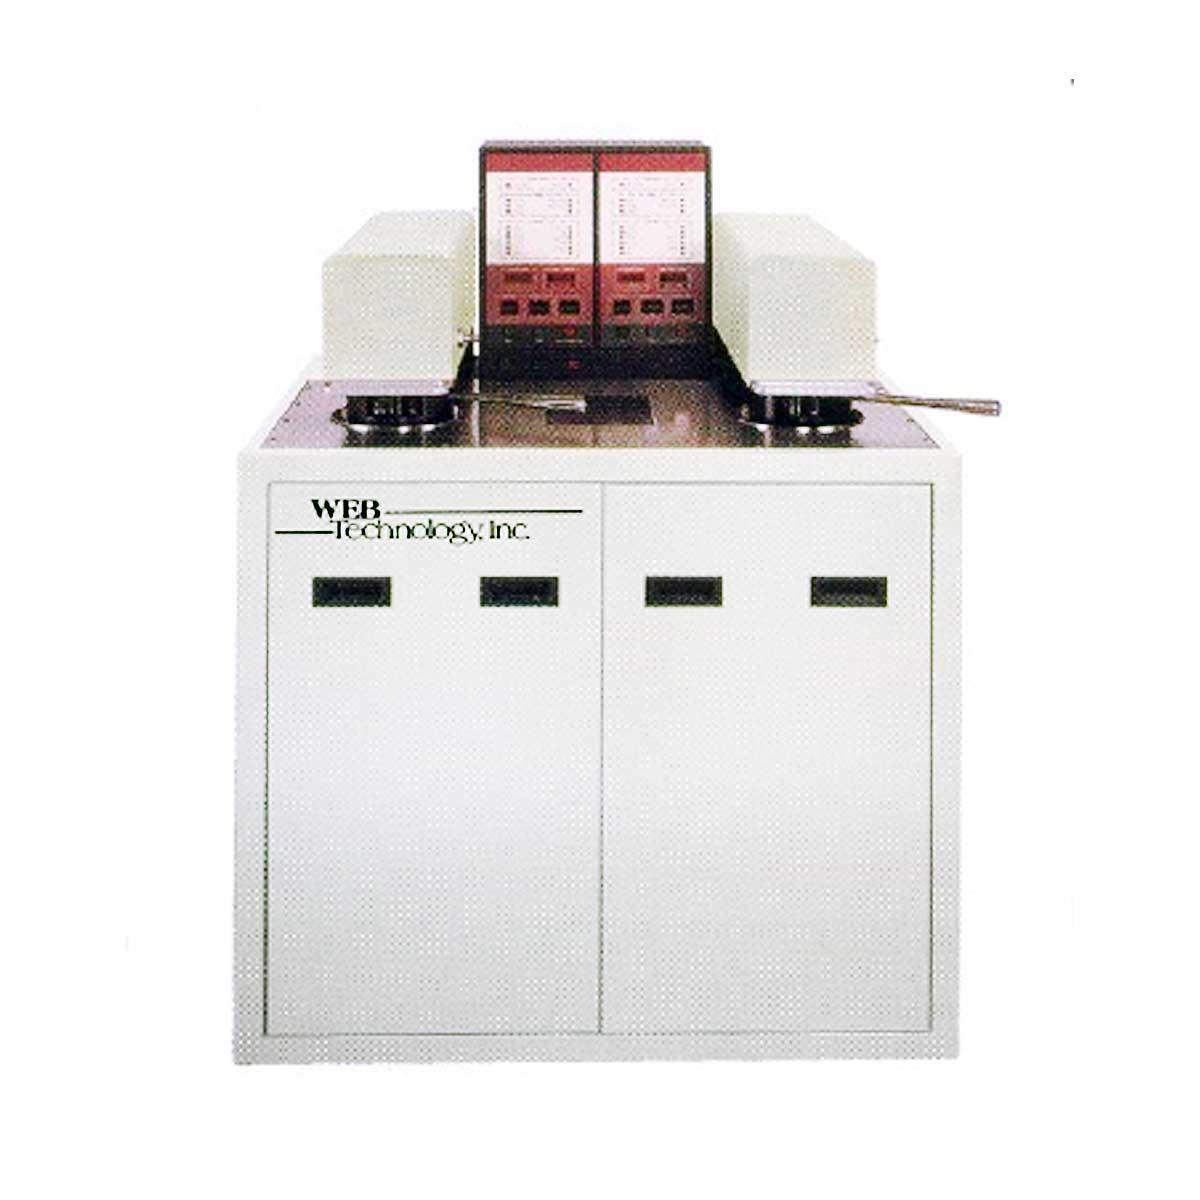 Установка опрессовки приборов в гелии ꜛ WEB 8051 R